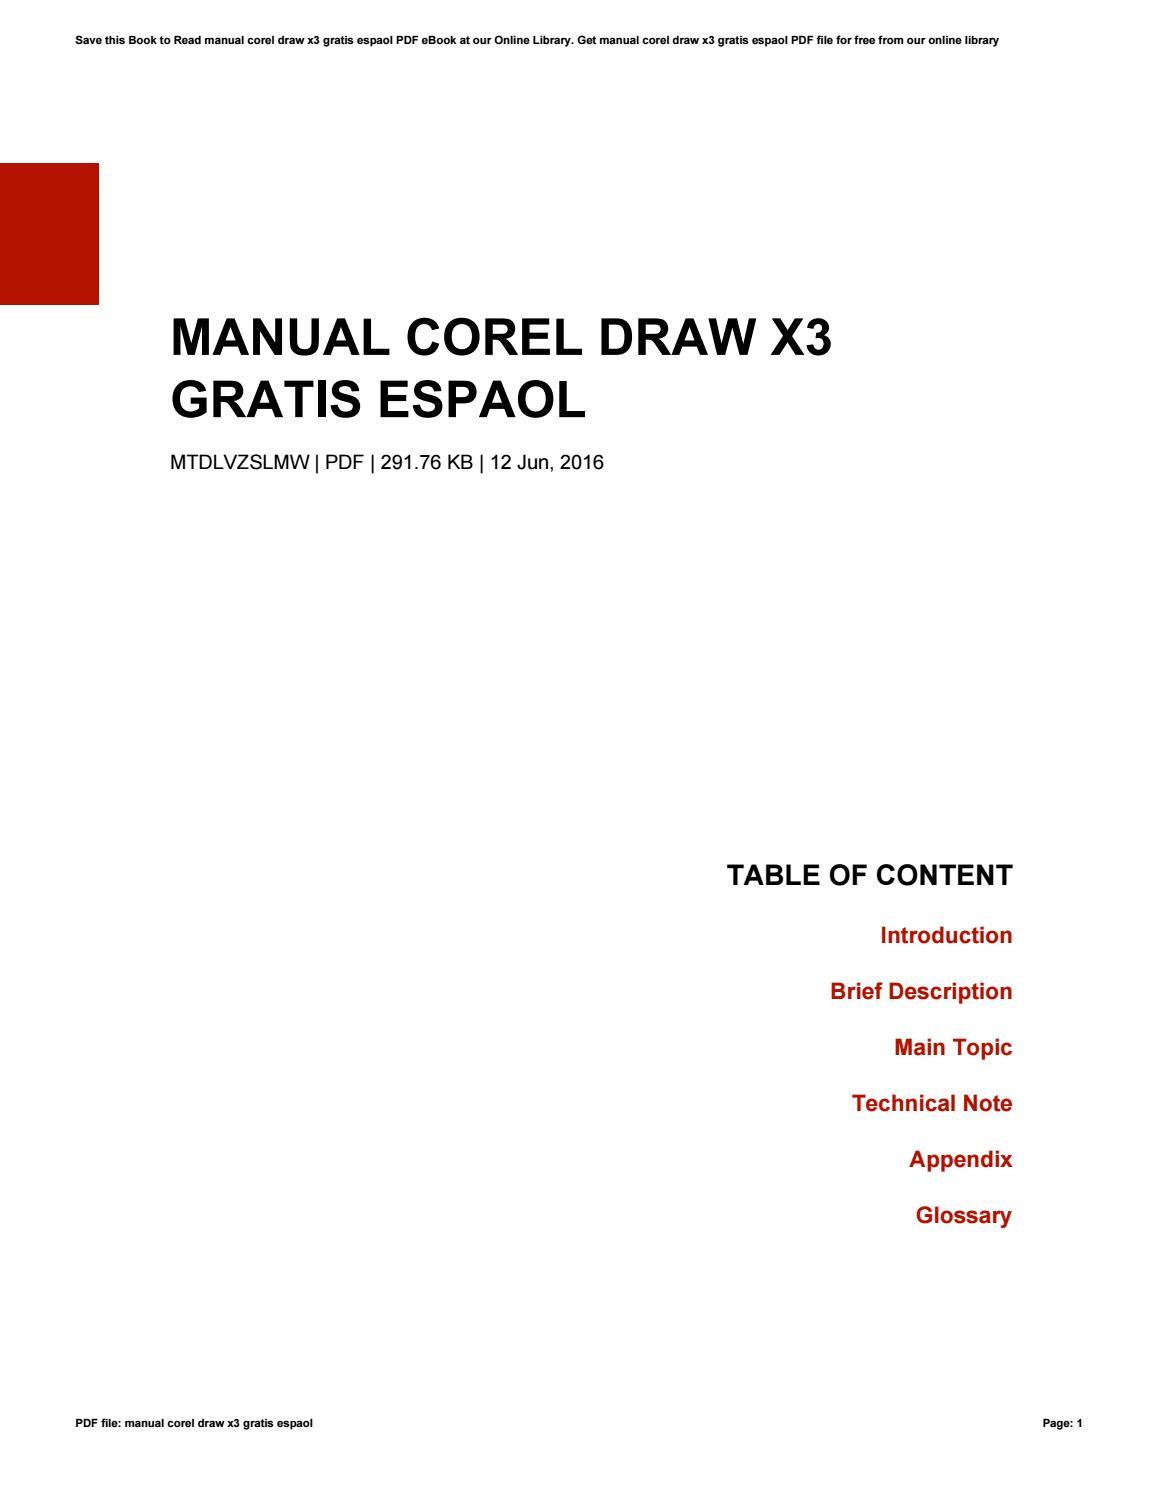 Manual Corel Draw X3 Gratis Espaol By Joyceconley4315 Issuu